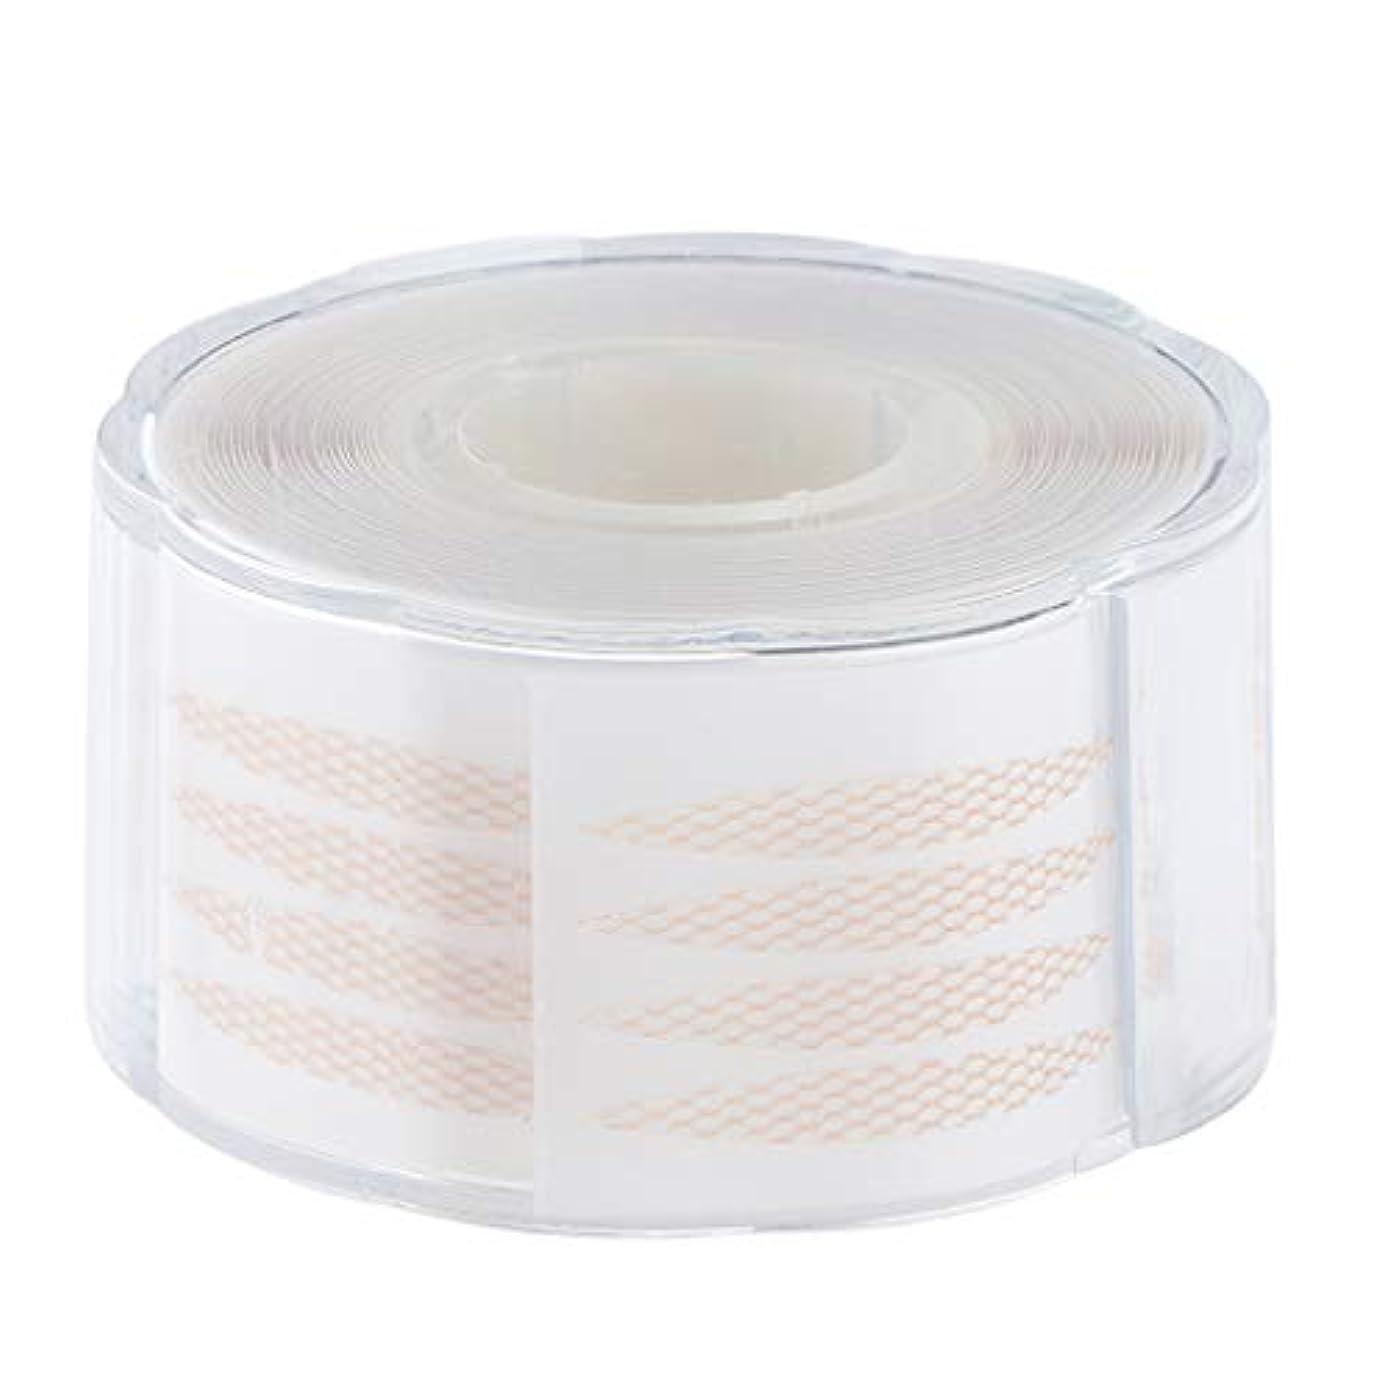 小屋マーキング意義1組の220組の見えない繊維のストリップの二重まぶたの持ち上がるテープ - 2.5×0.3 cm